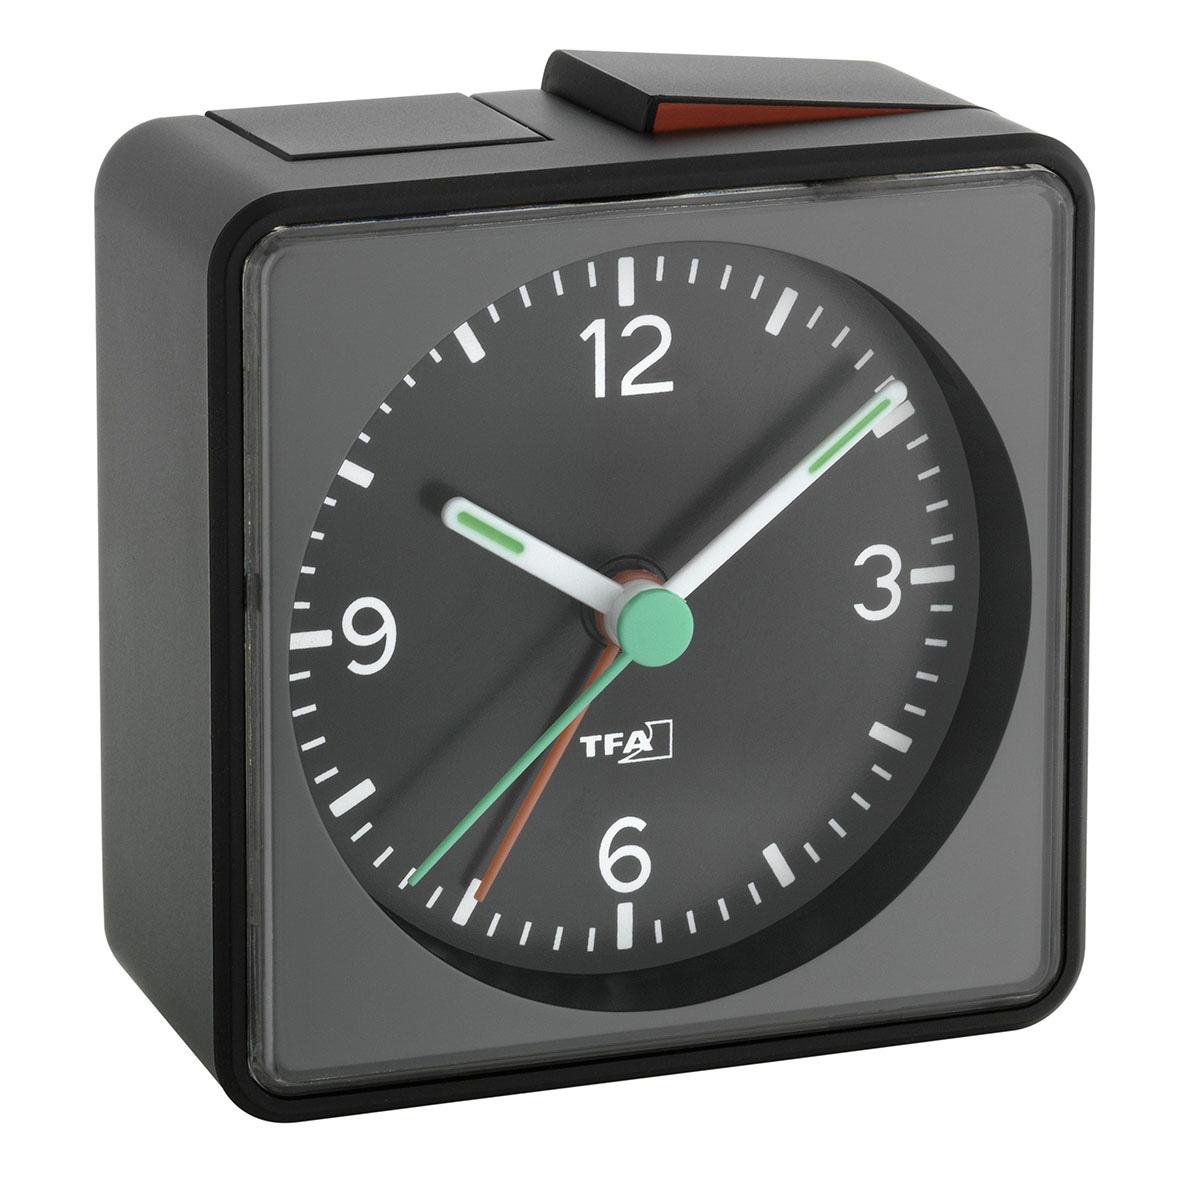 60-1013-01-analoger-wecker-push-anwendung-1200x1200px.jpg